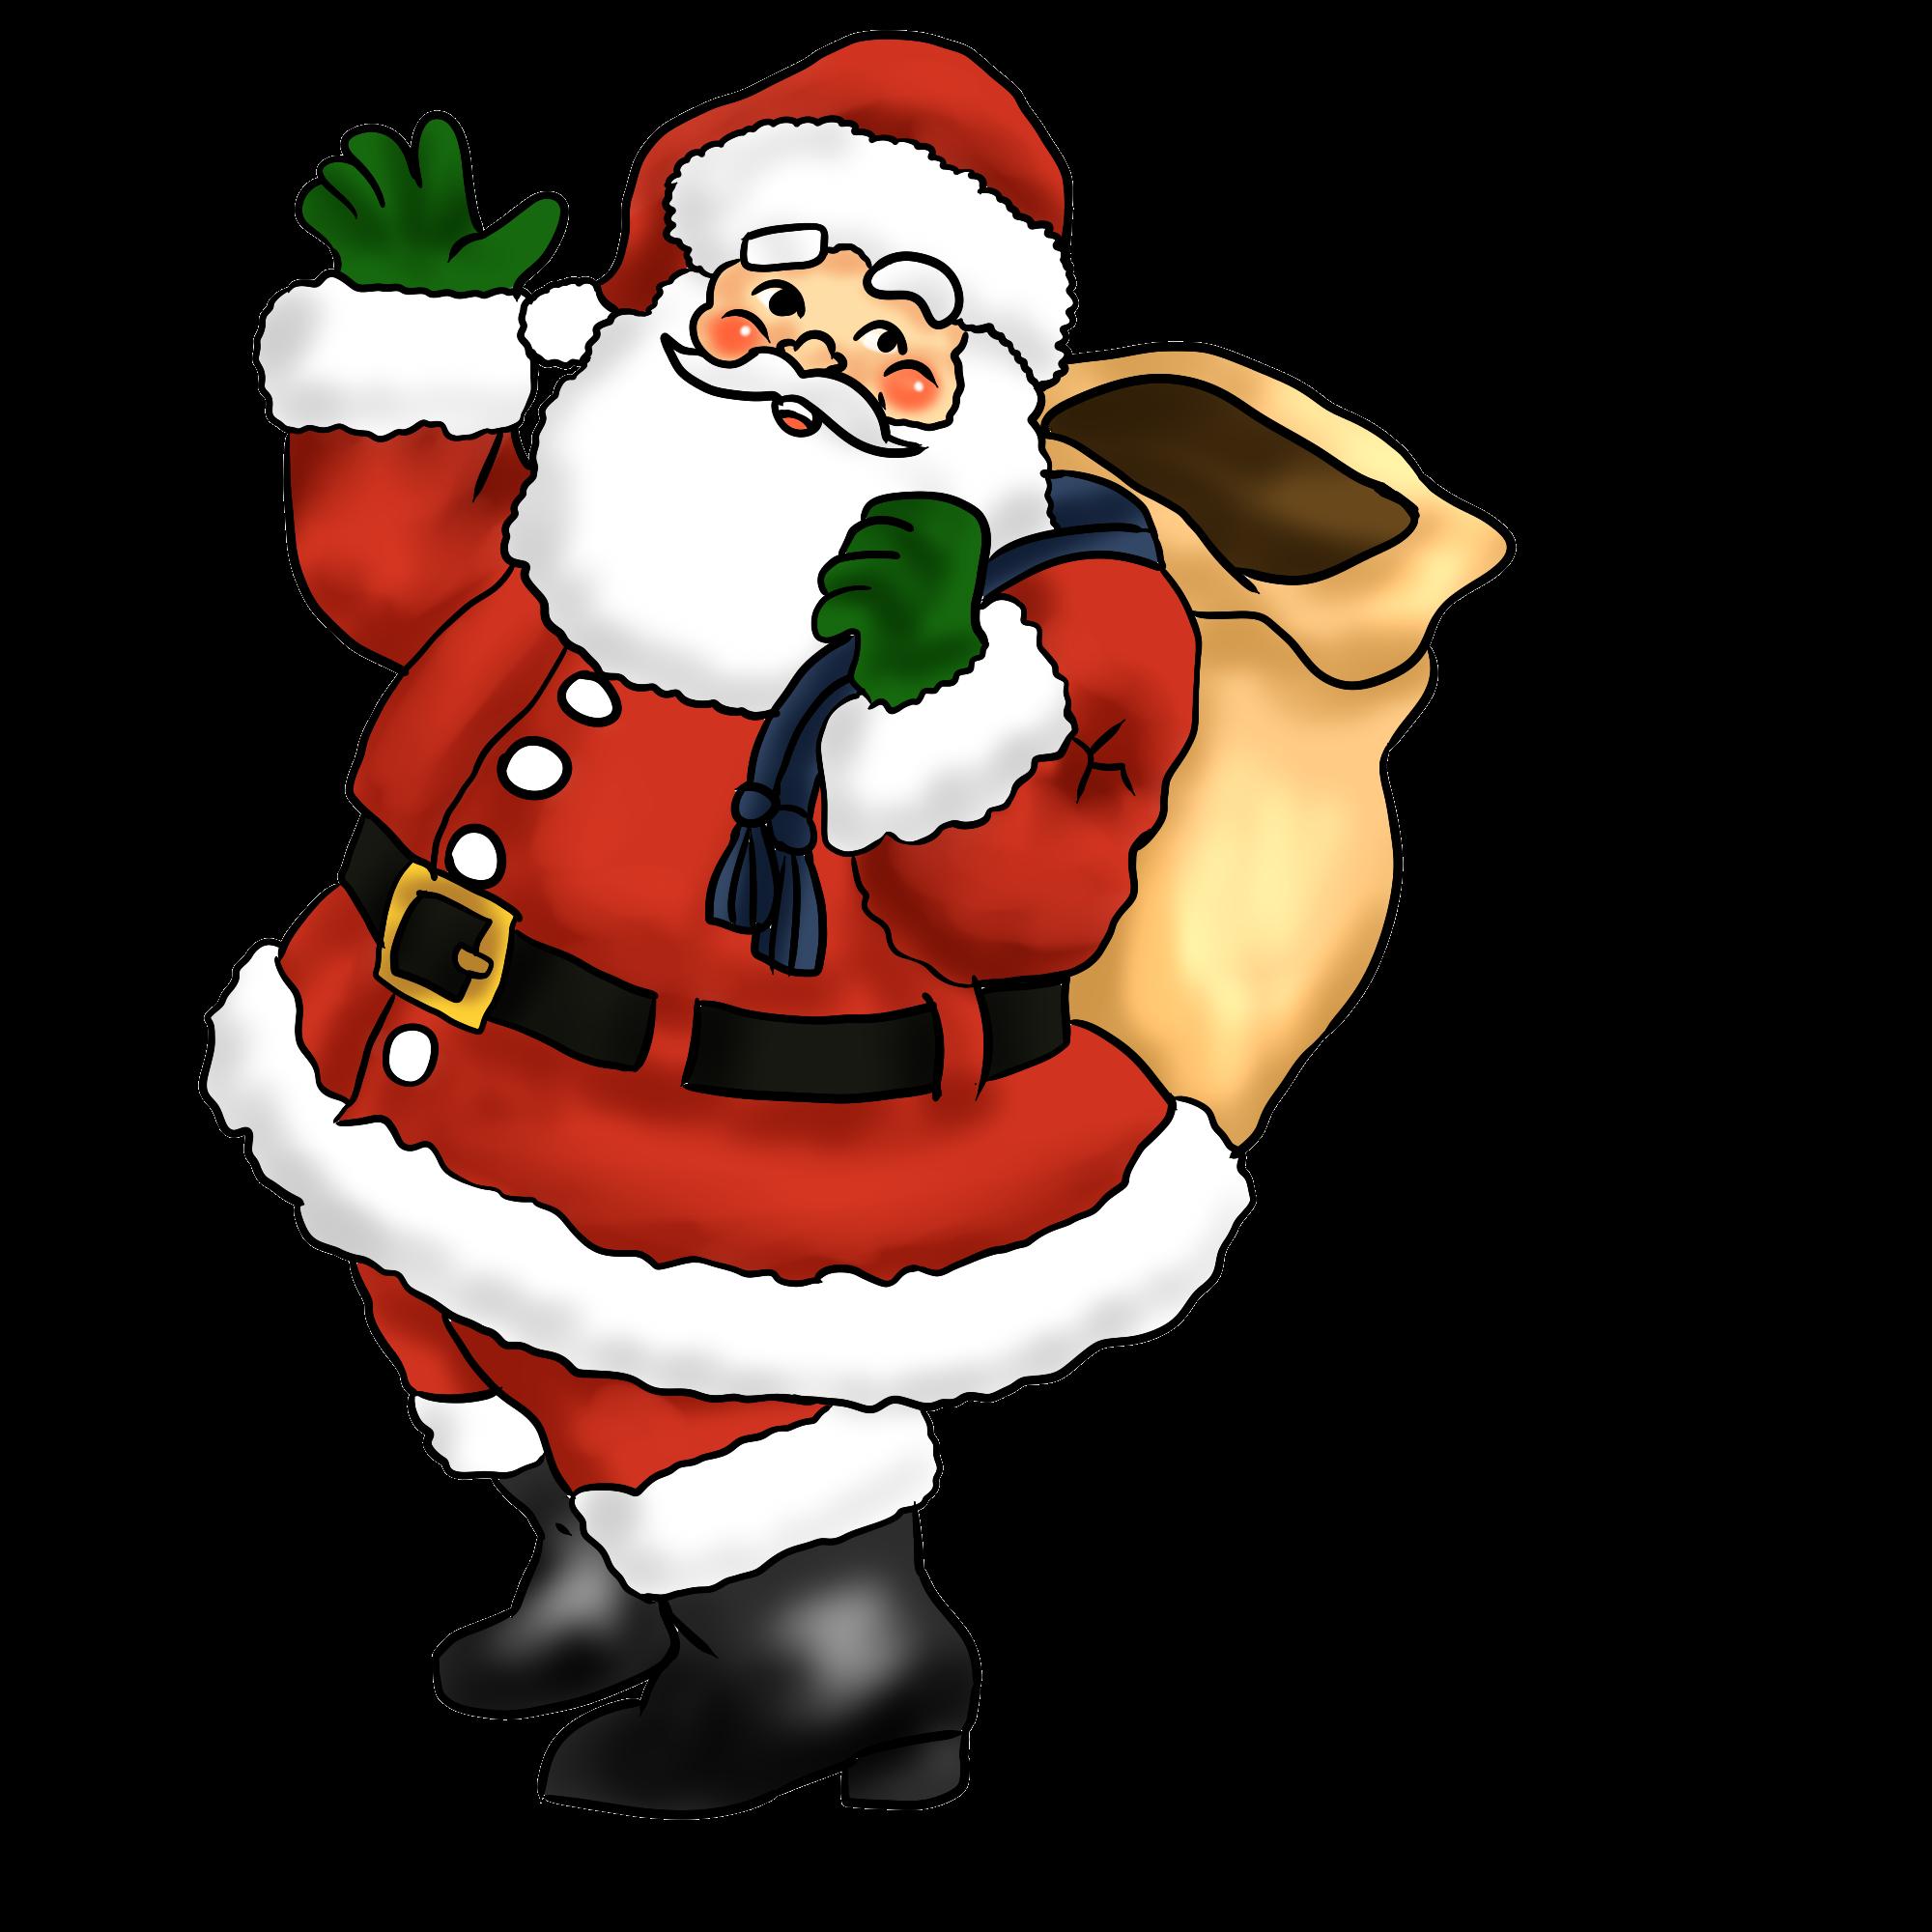 Santa clipart #15, Download drawings